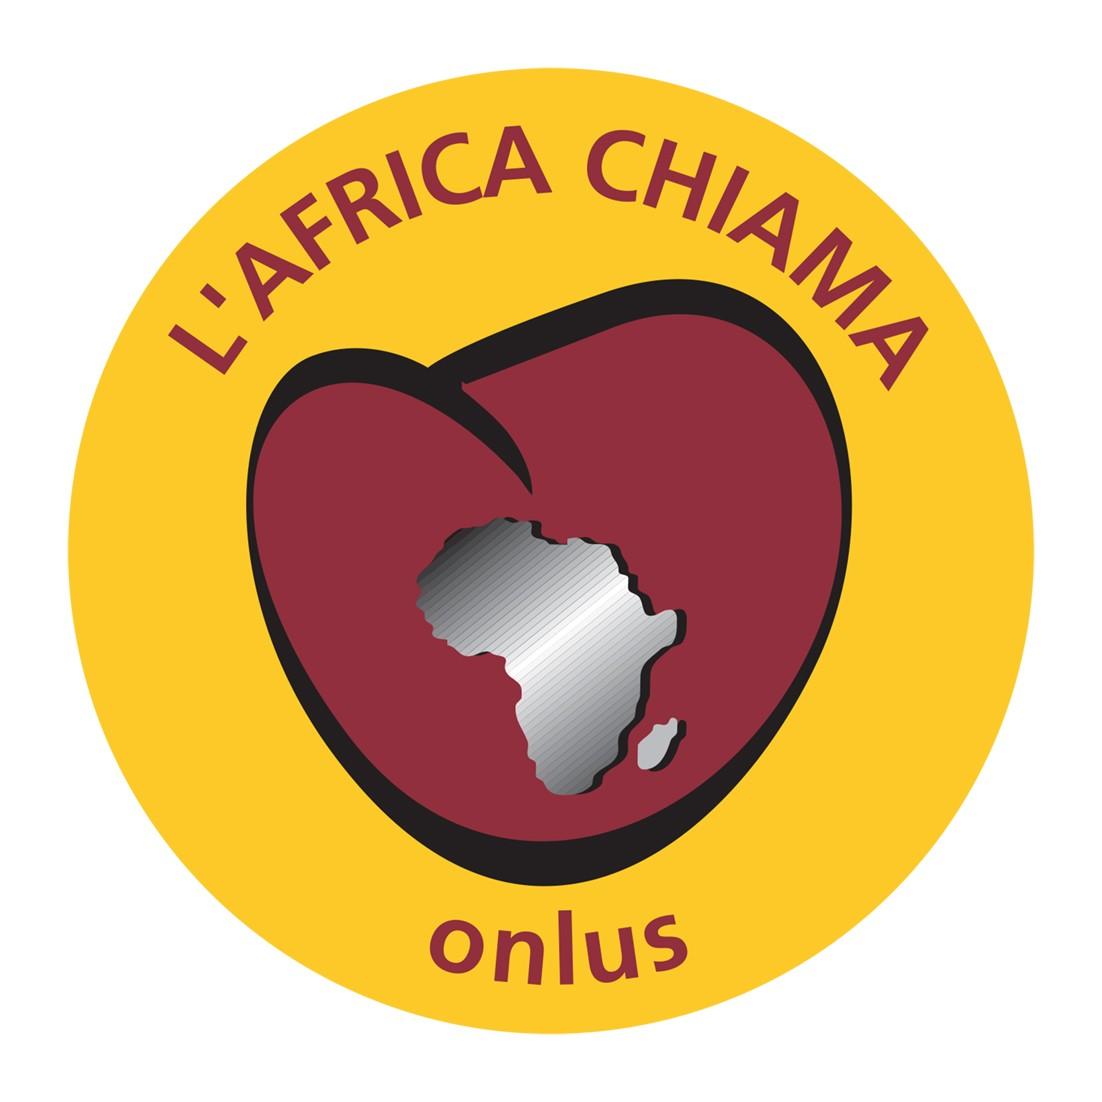 Rete del Dono - L'AFRICA CHIAMA